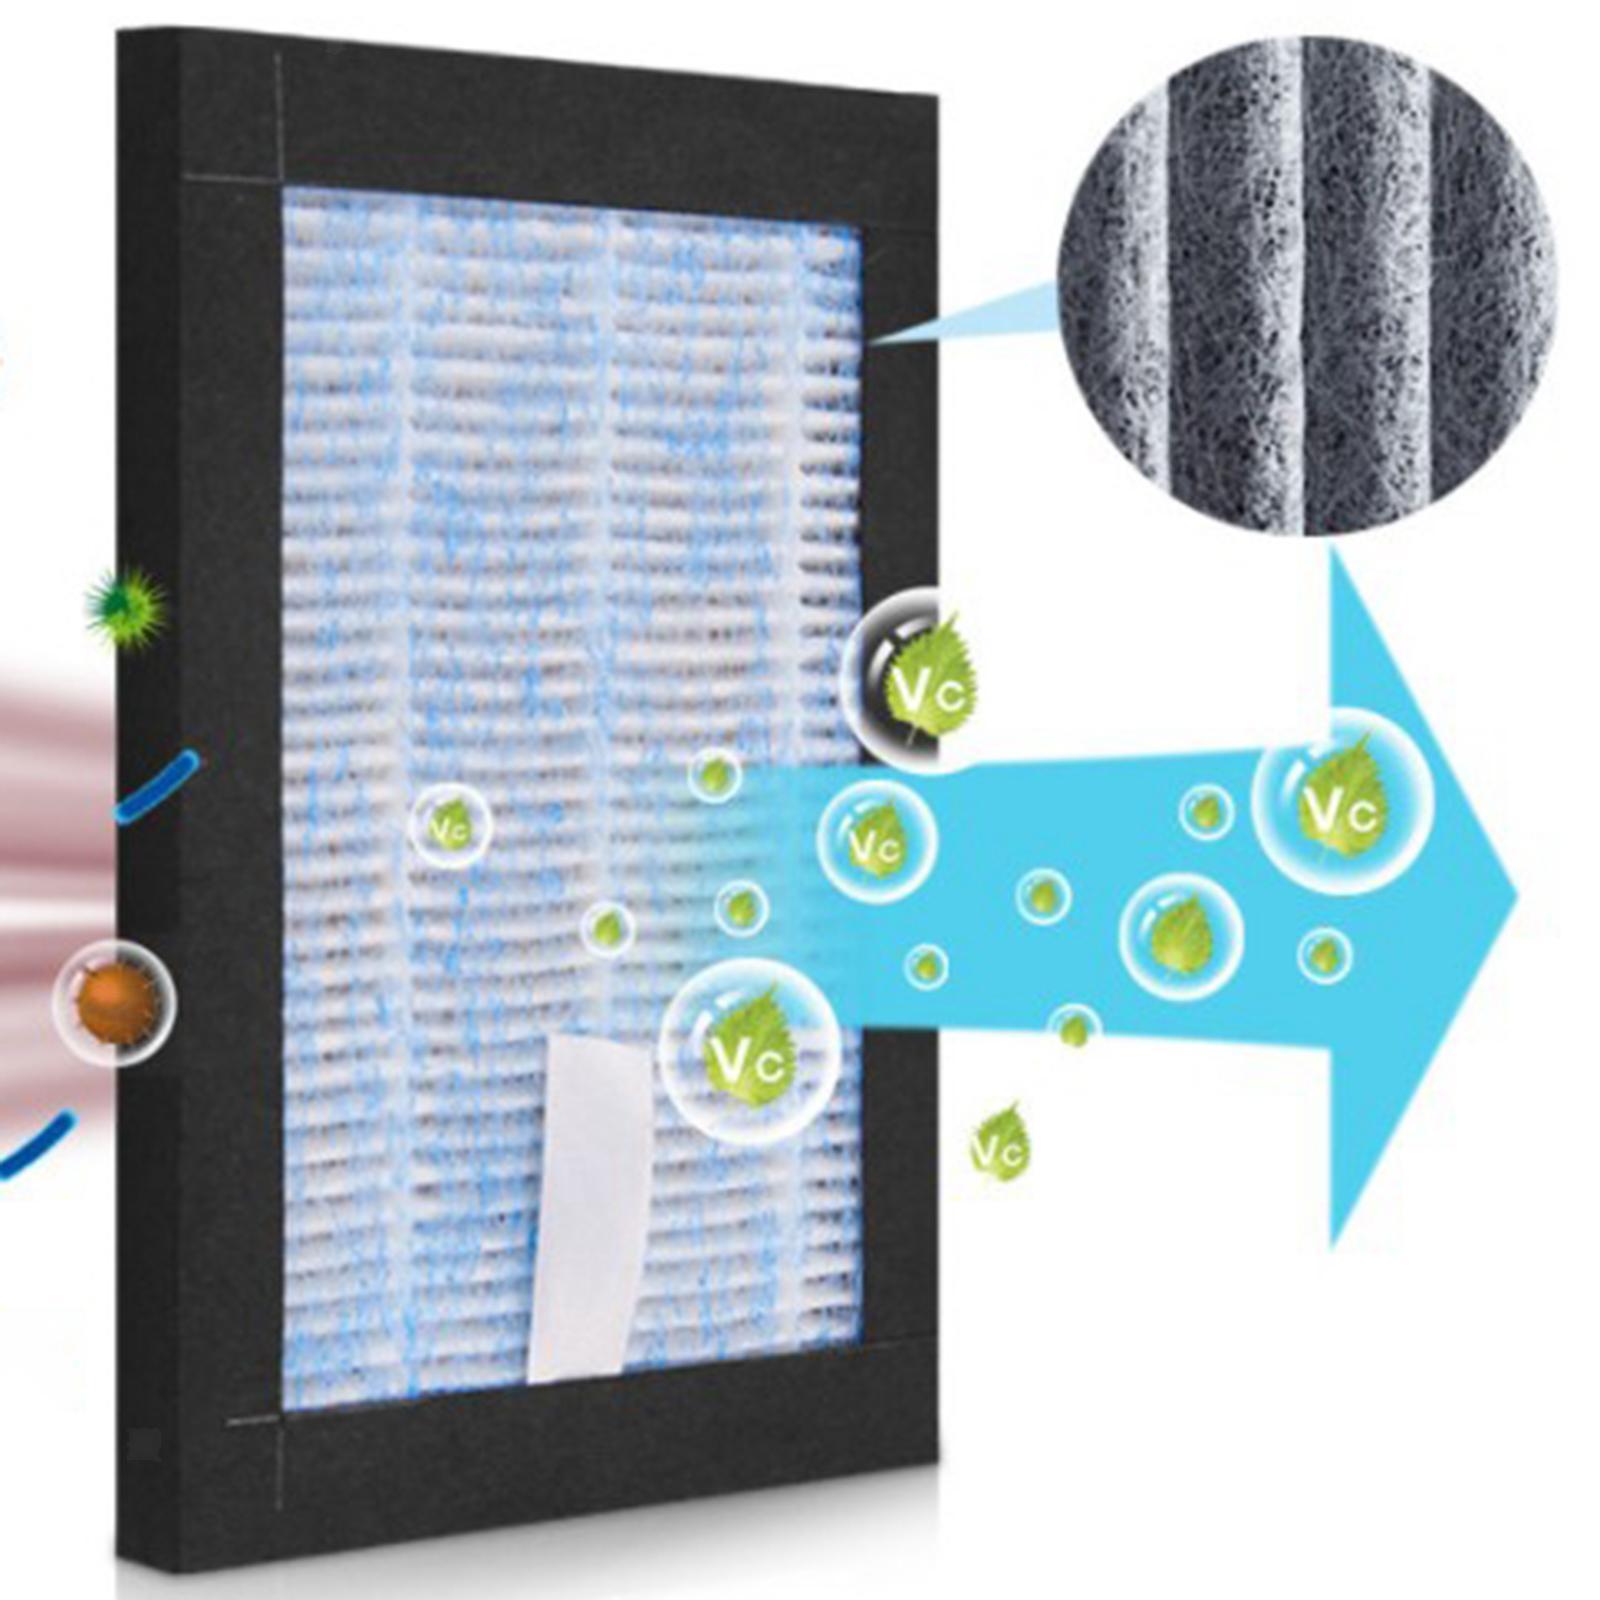 Indexbild 16 - Auto Air Purifier Luft Reiniger Deodorizer Ionisator für Home Office